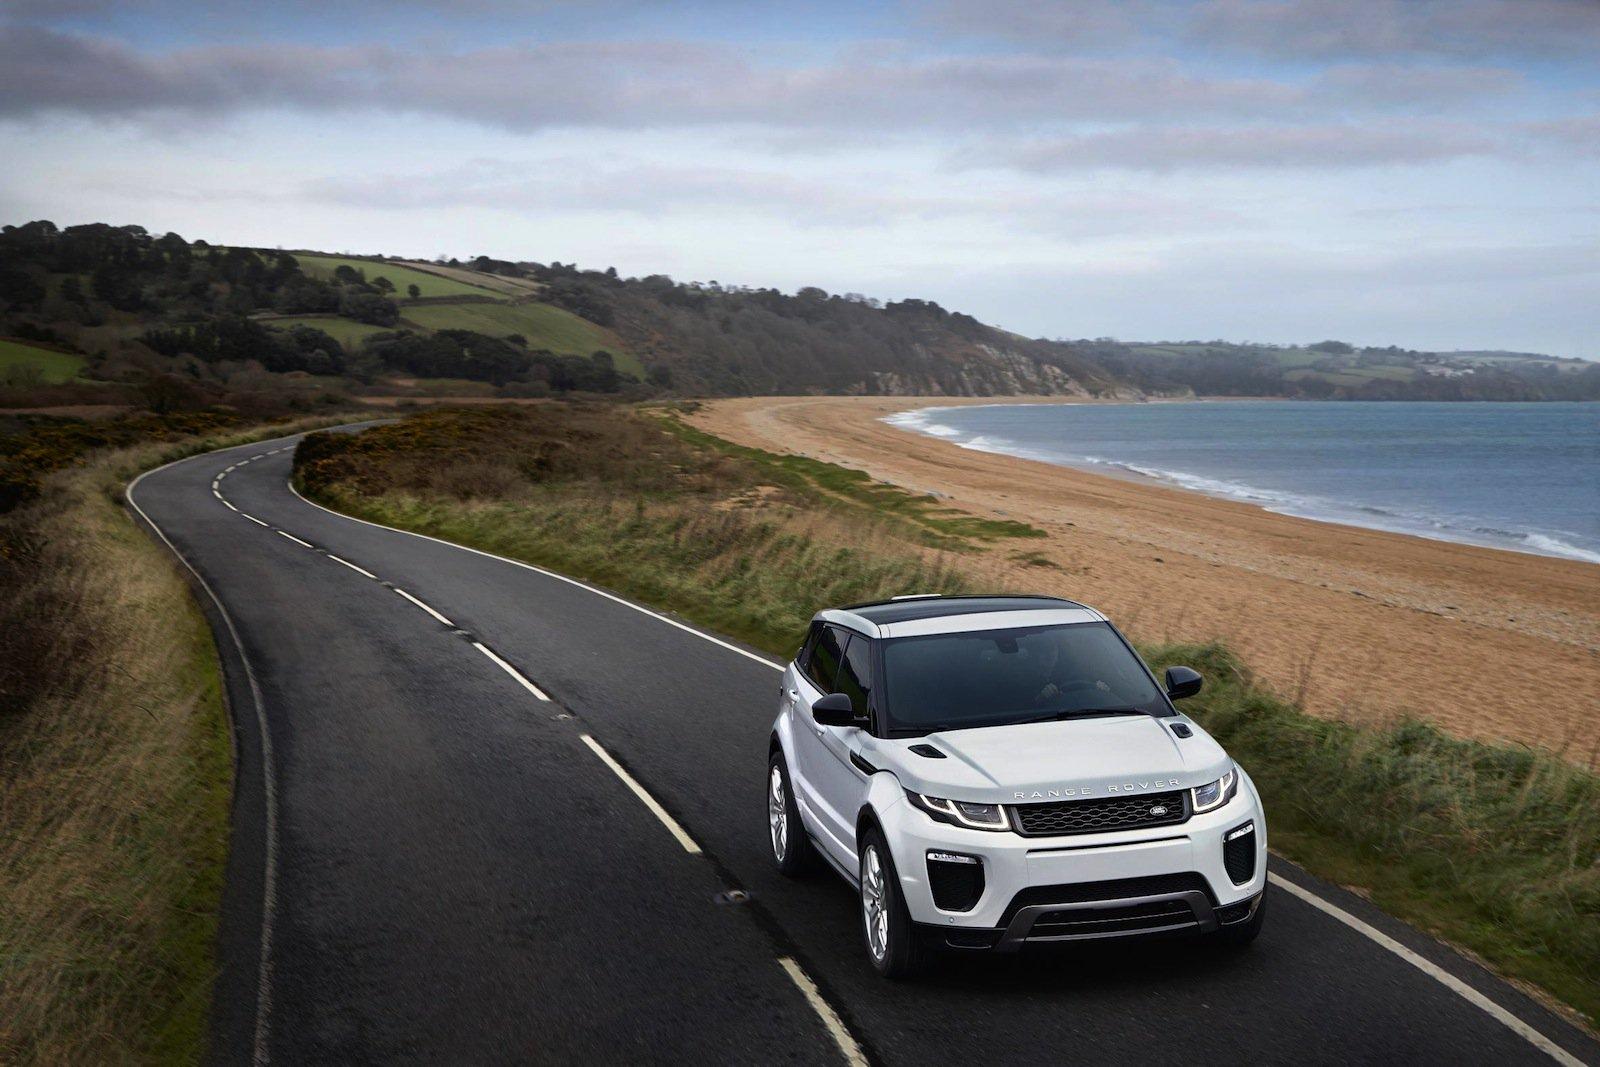 Land Rover finalmente consigue detener la producción del clon chino del Evoque